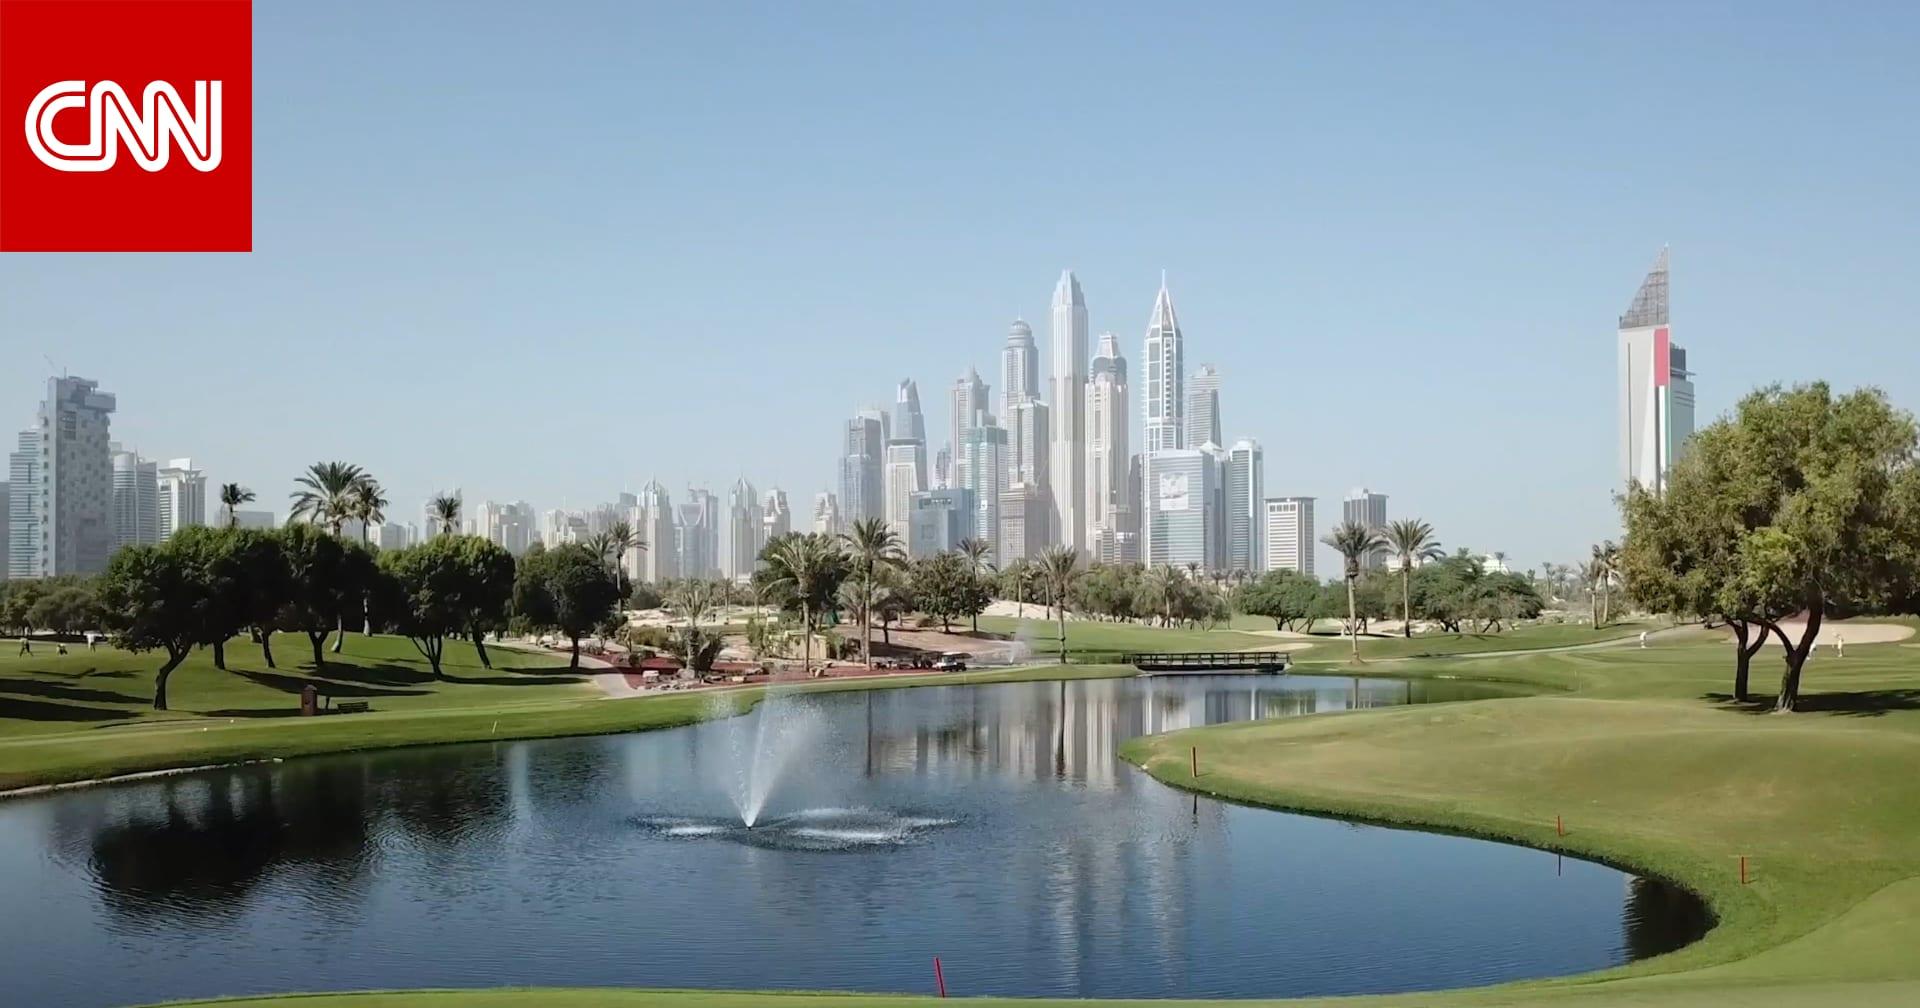 من صحراء إلى أول ملعب عشبي في الشرق الأوسط..صور تكشف مراحل تطور أحد أبرز ملاعب الغولف في دبي